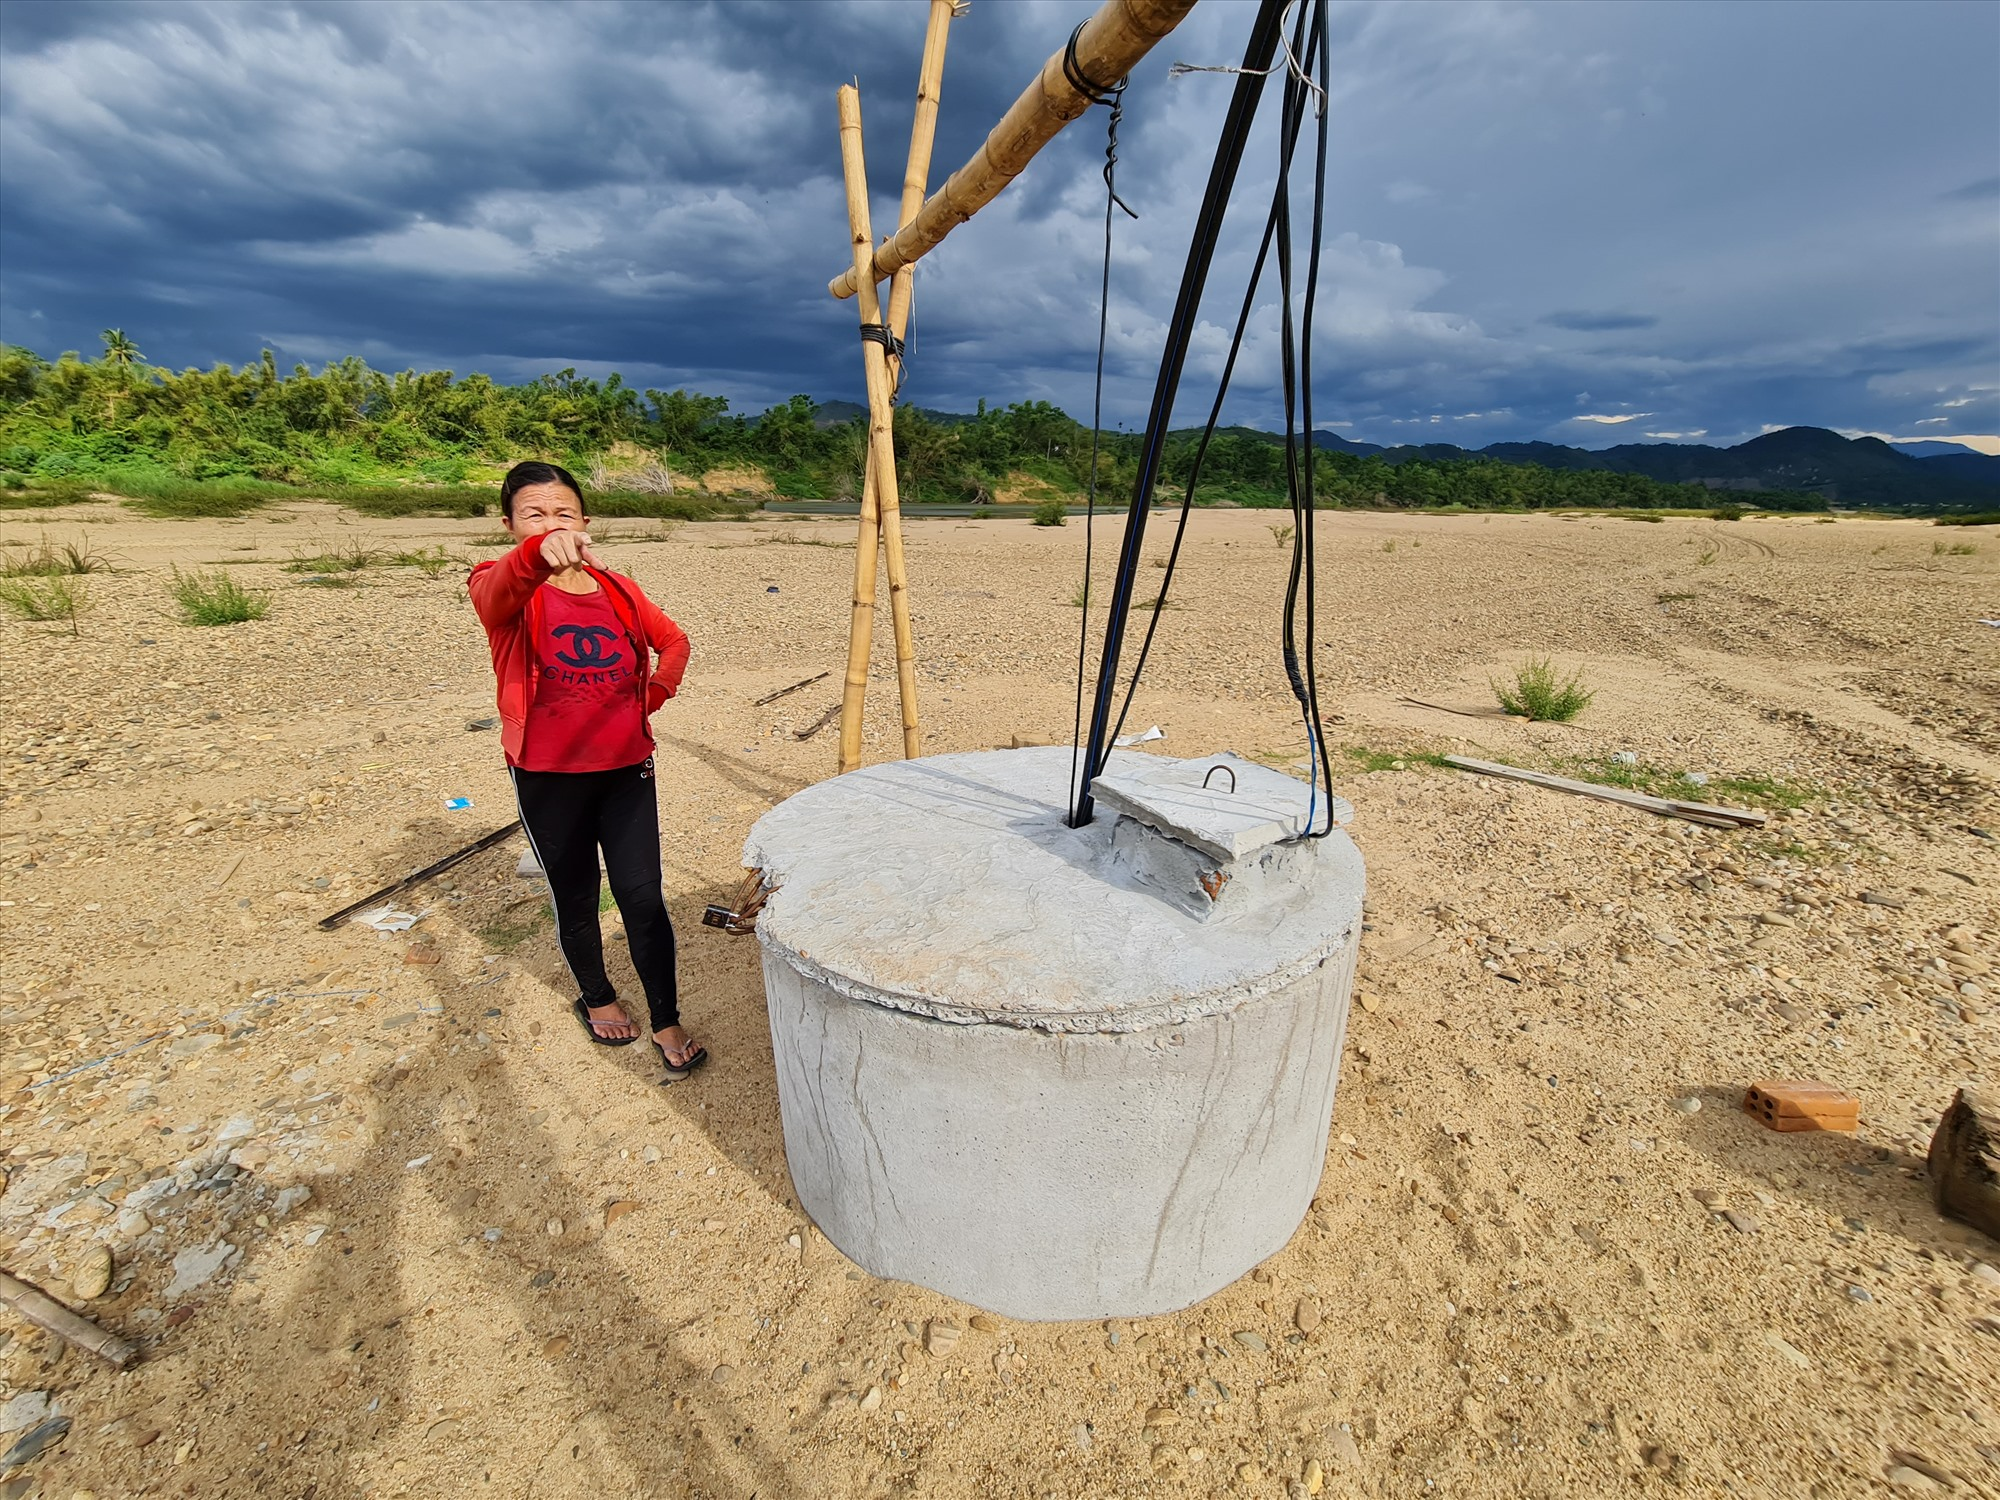 Công trình giếng đóng nằm sát sông được nhóm hộ tại thôn Dùi Chiêng chung tay, góp sức để đưa nước về làng. Ảnh: HOÀNG LIÊN